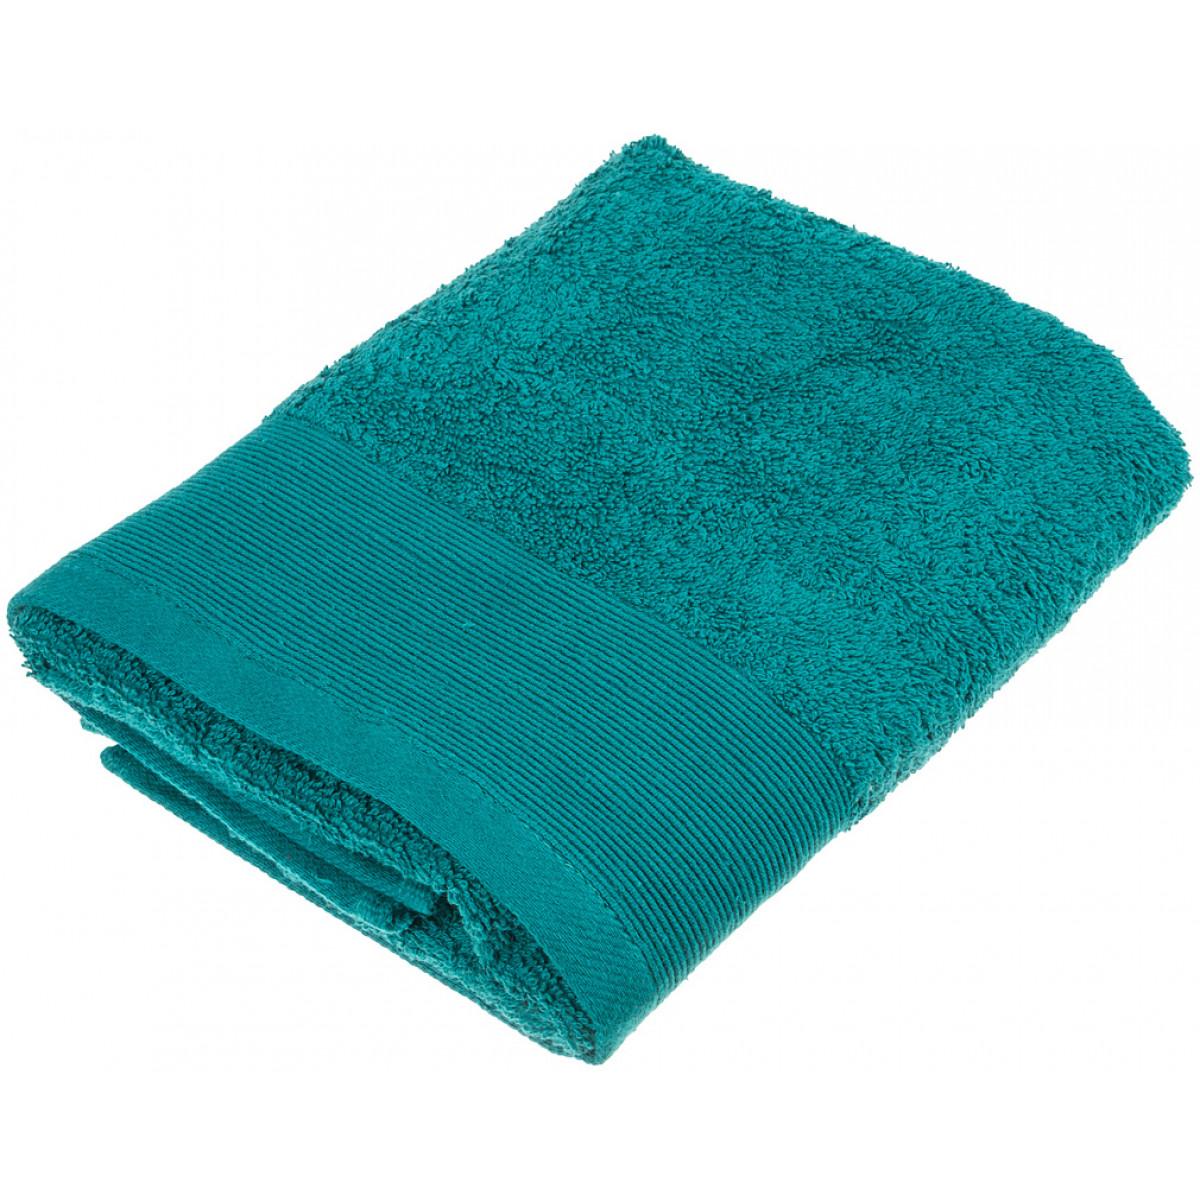 Полотенца Santalino Полотенце Cenric  (50х90 см) василиса полотенце зигзаг артишок 50х90 см